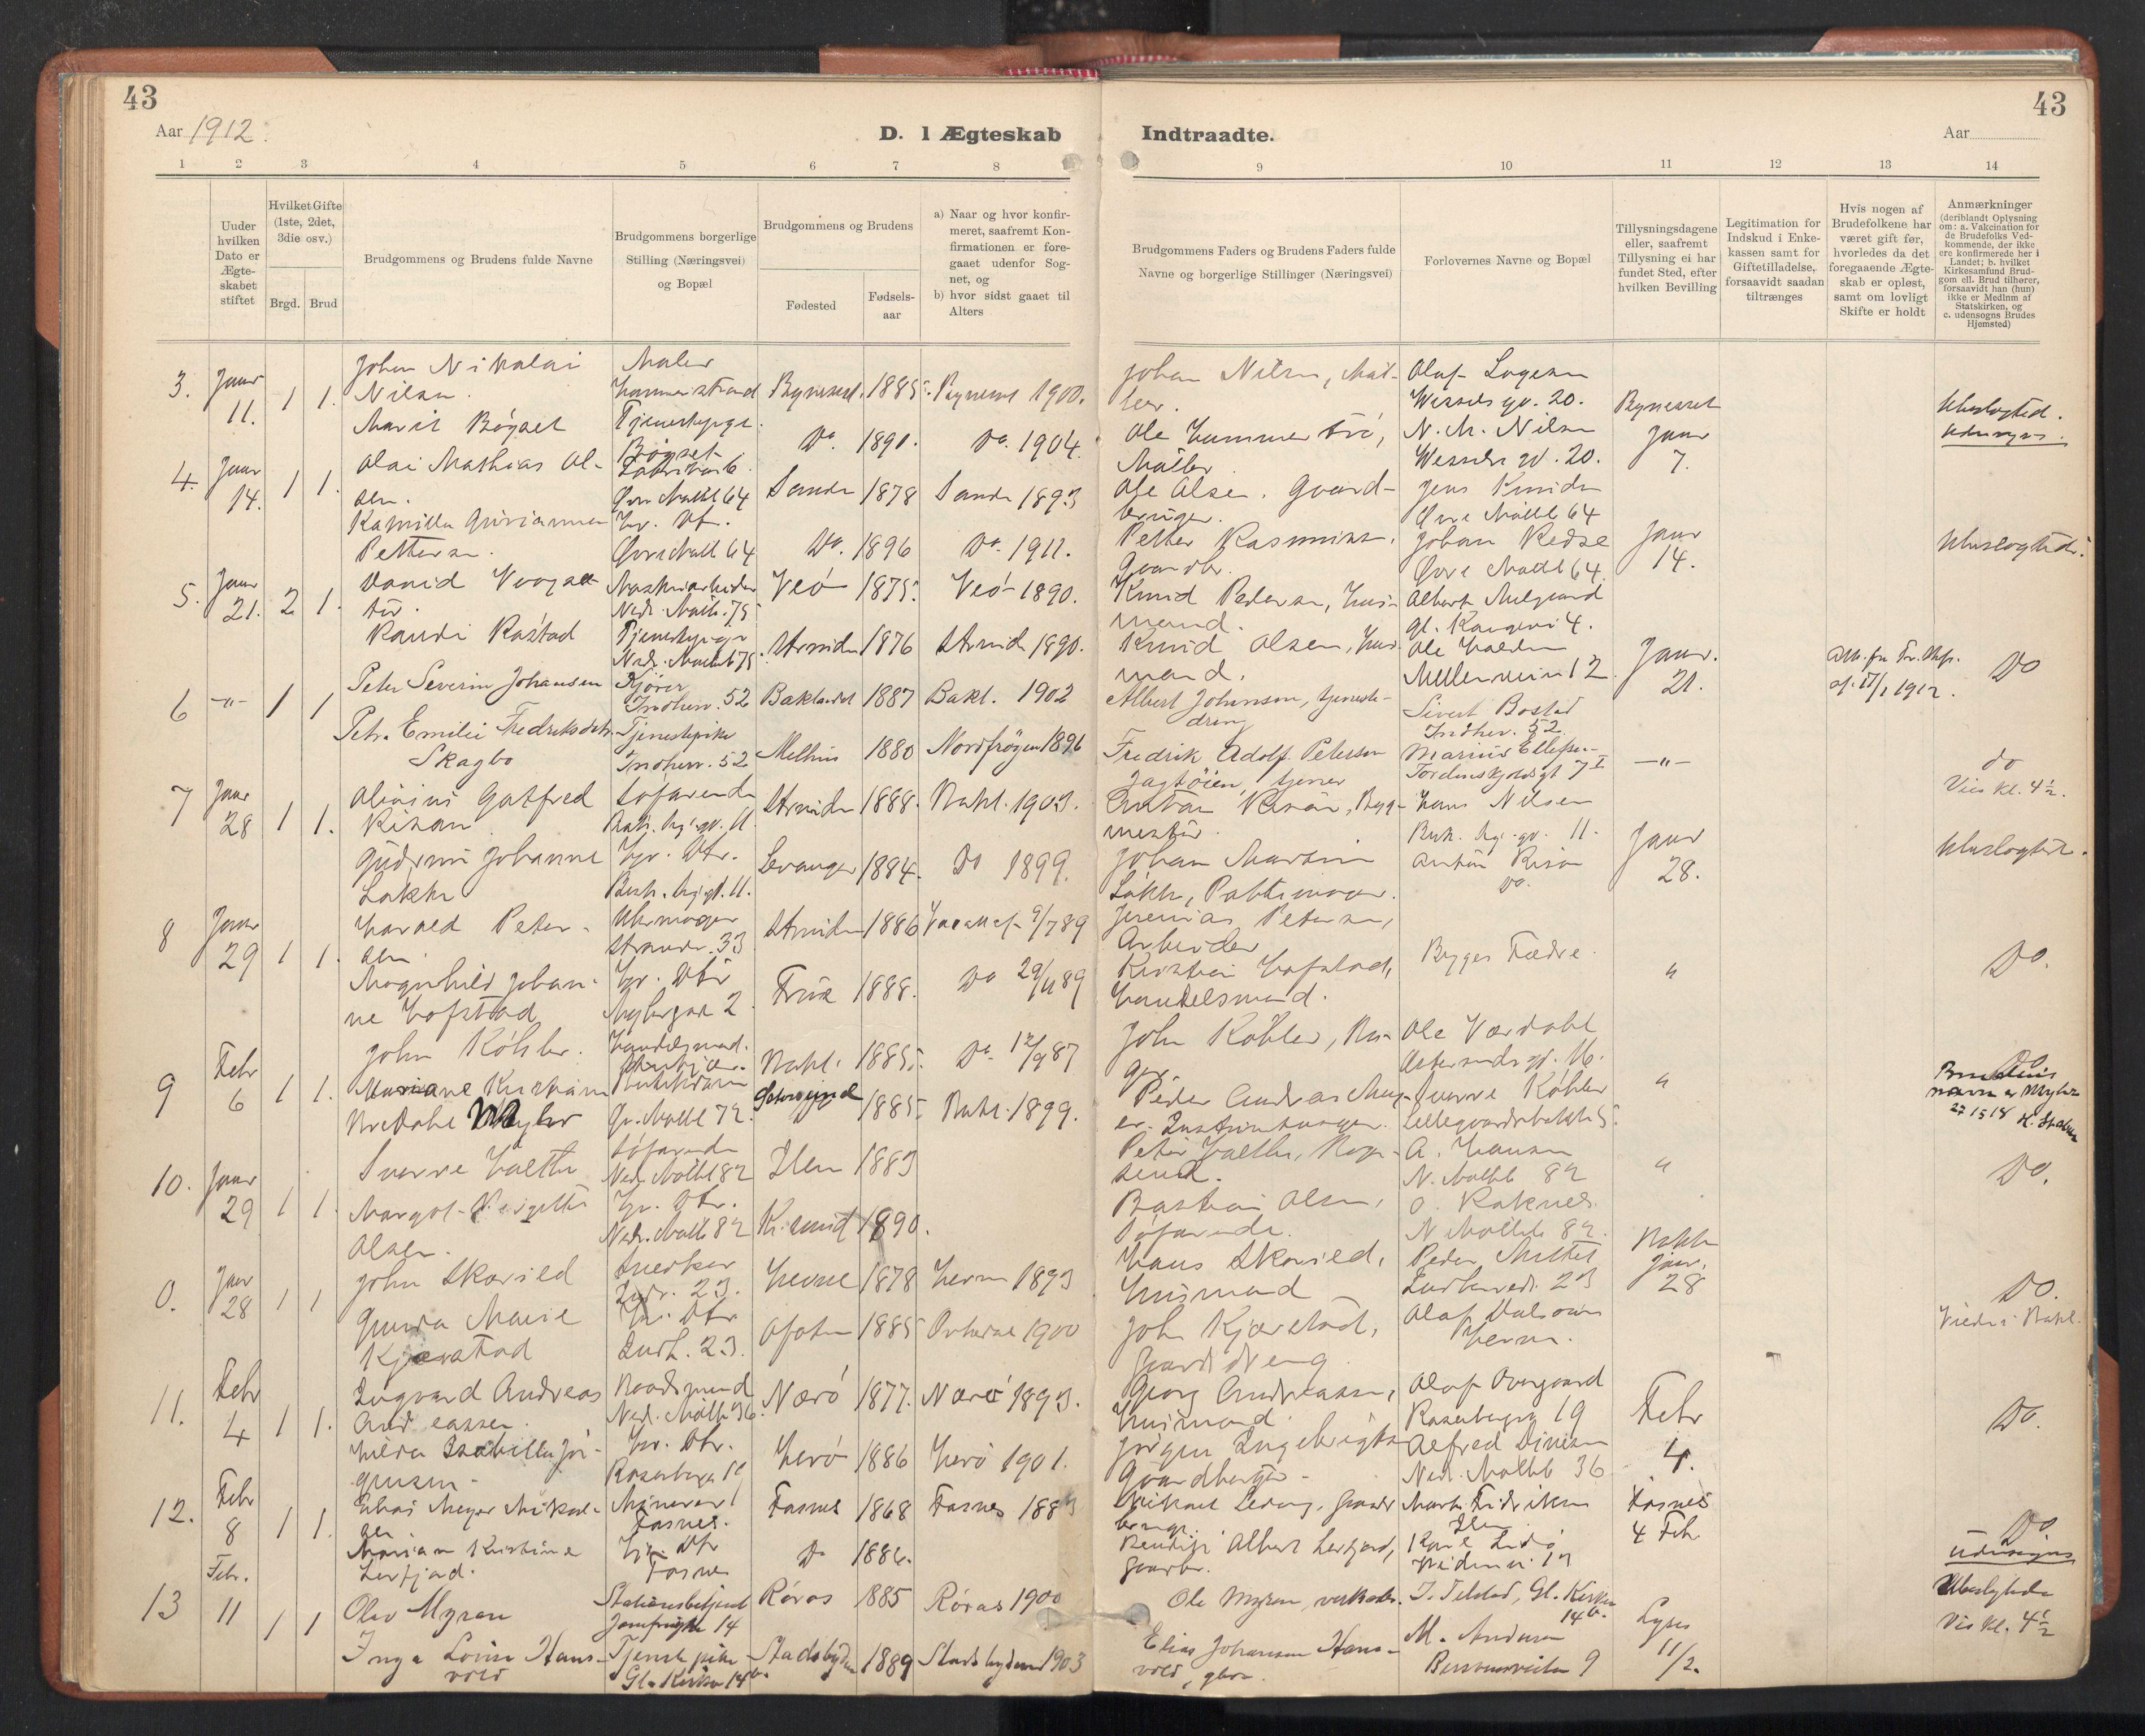 SAT, Ministerialprotokoller, klokkerbøker og fødselsregistre - Sør-Trøndelag, 605/L0244: Ministerialbok nr. 605A06, 1908-1954, s. 43